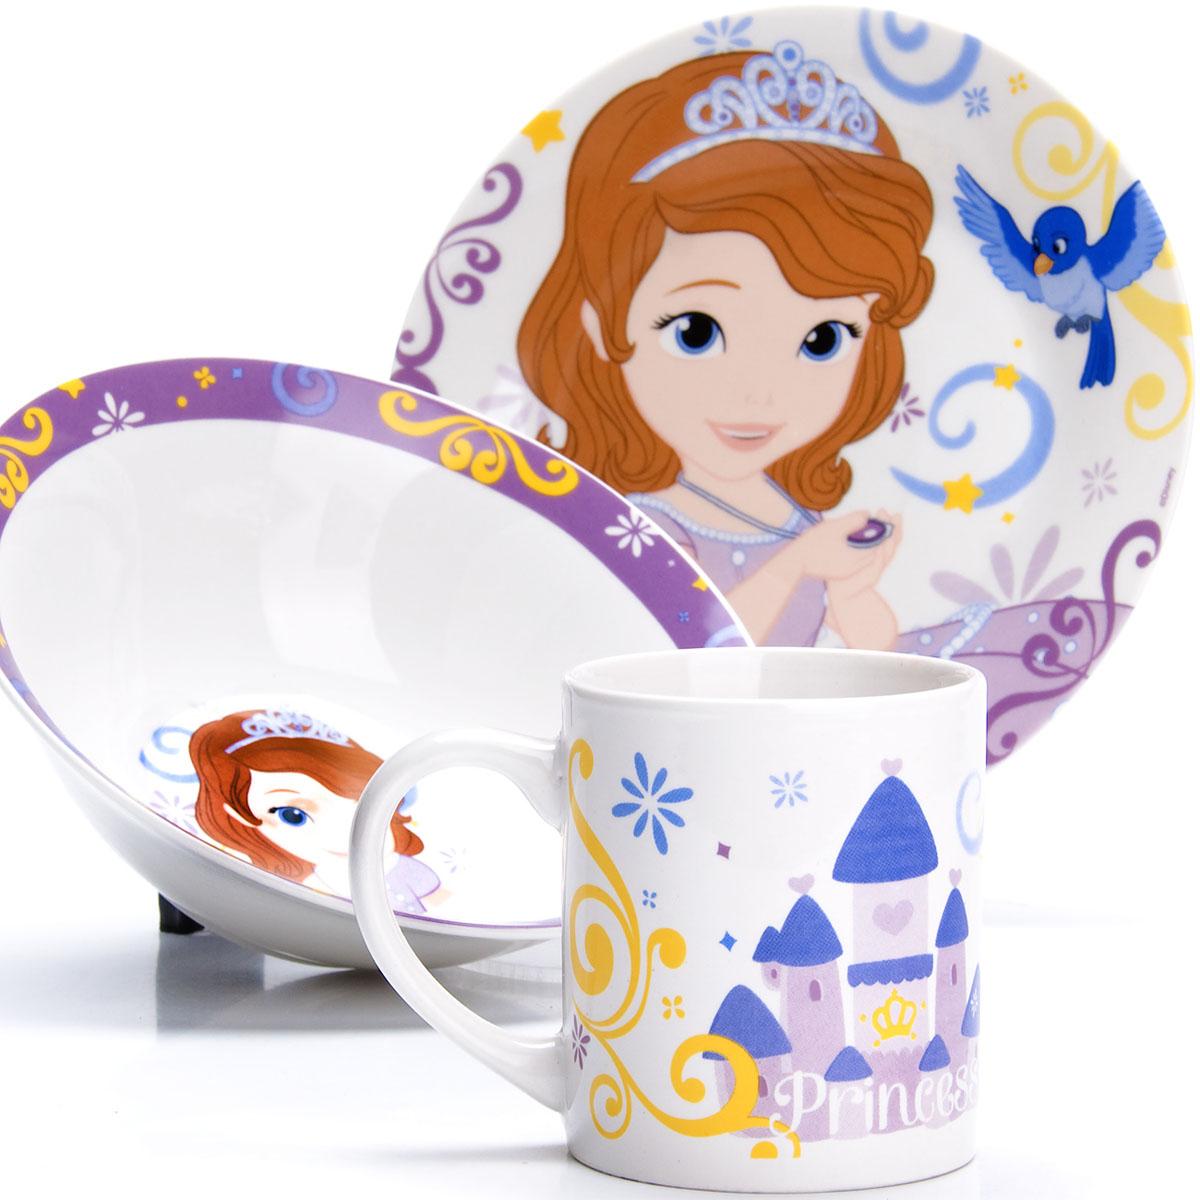 Набор для завтрака Disney София, 3 предмета. 2700227002Набор детской посуды Disney София, выполненный из высококачественной керамики, декорирован красочным рисунком.Такой набор обязательно понравится вашему ребенку, потому что теперь у него будет своя собственная посуда с изображением героев популярных мультиков.Набор посуды для детей включает в себя три предмета: суповую тарелку, обеденную тарелку и кружку.Набор упакован в красочную, подарочную упаковку. Подходит для мытья в посудомоечной машине.